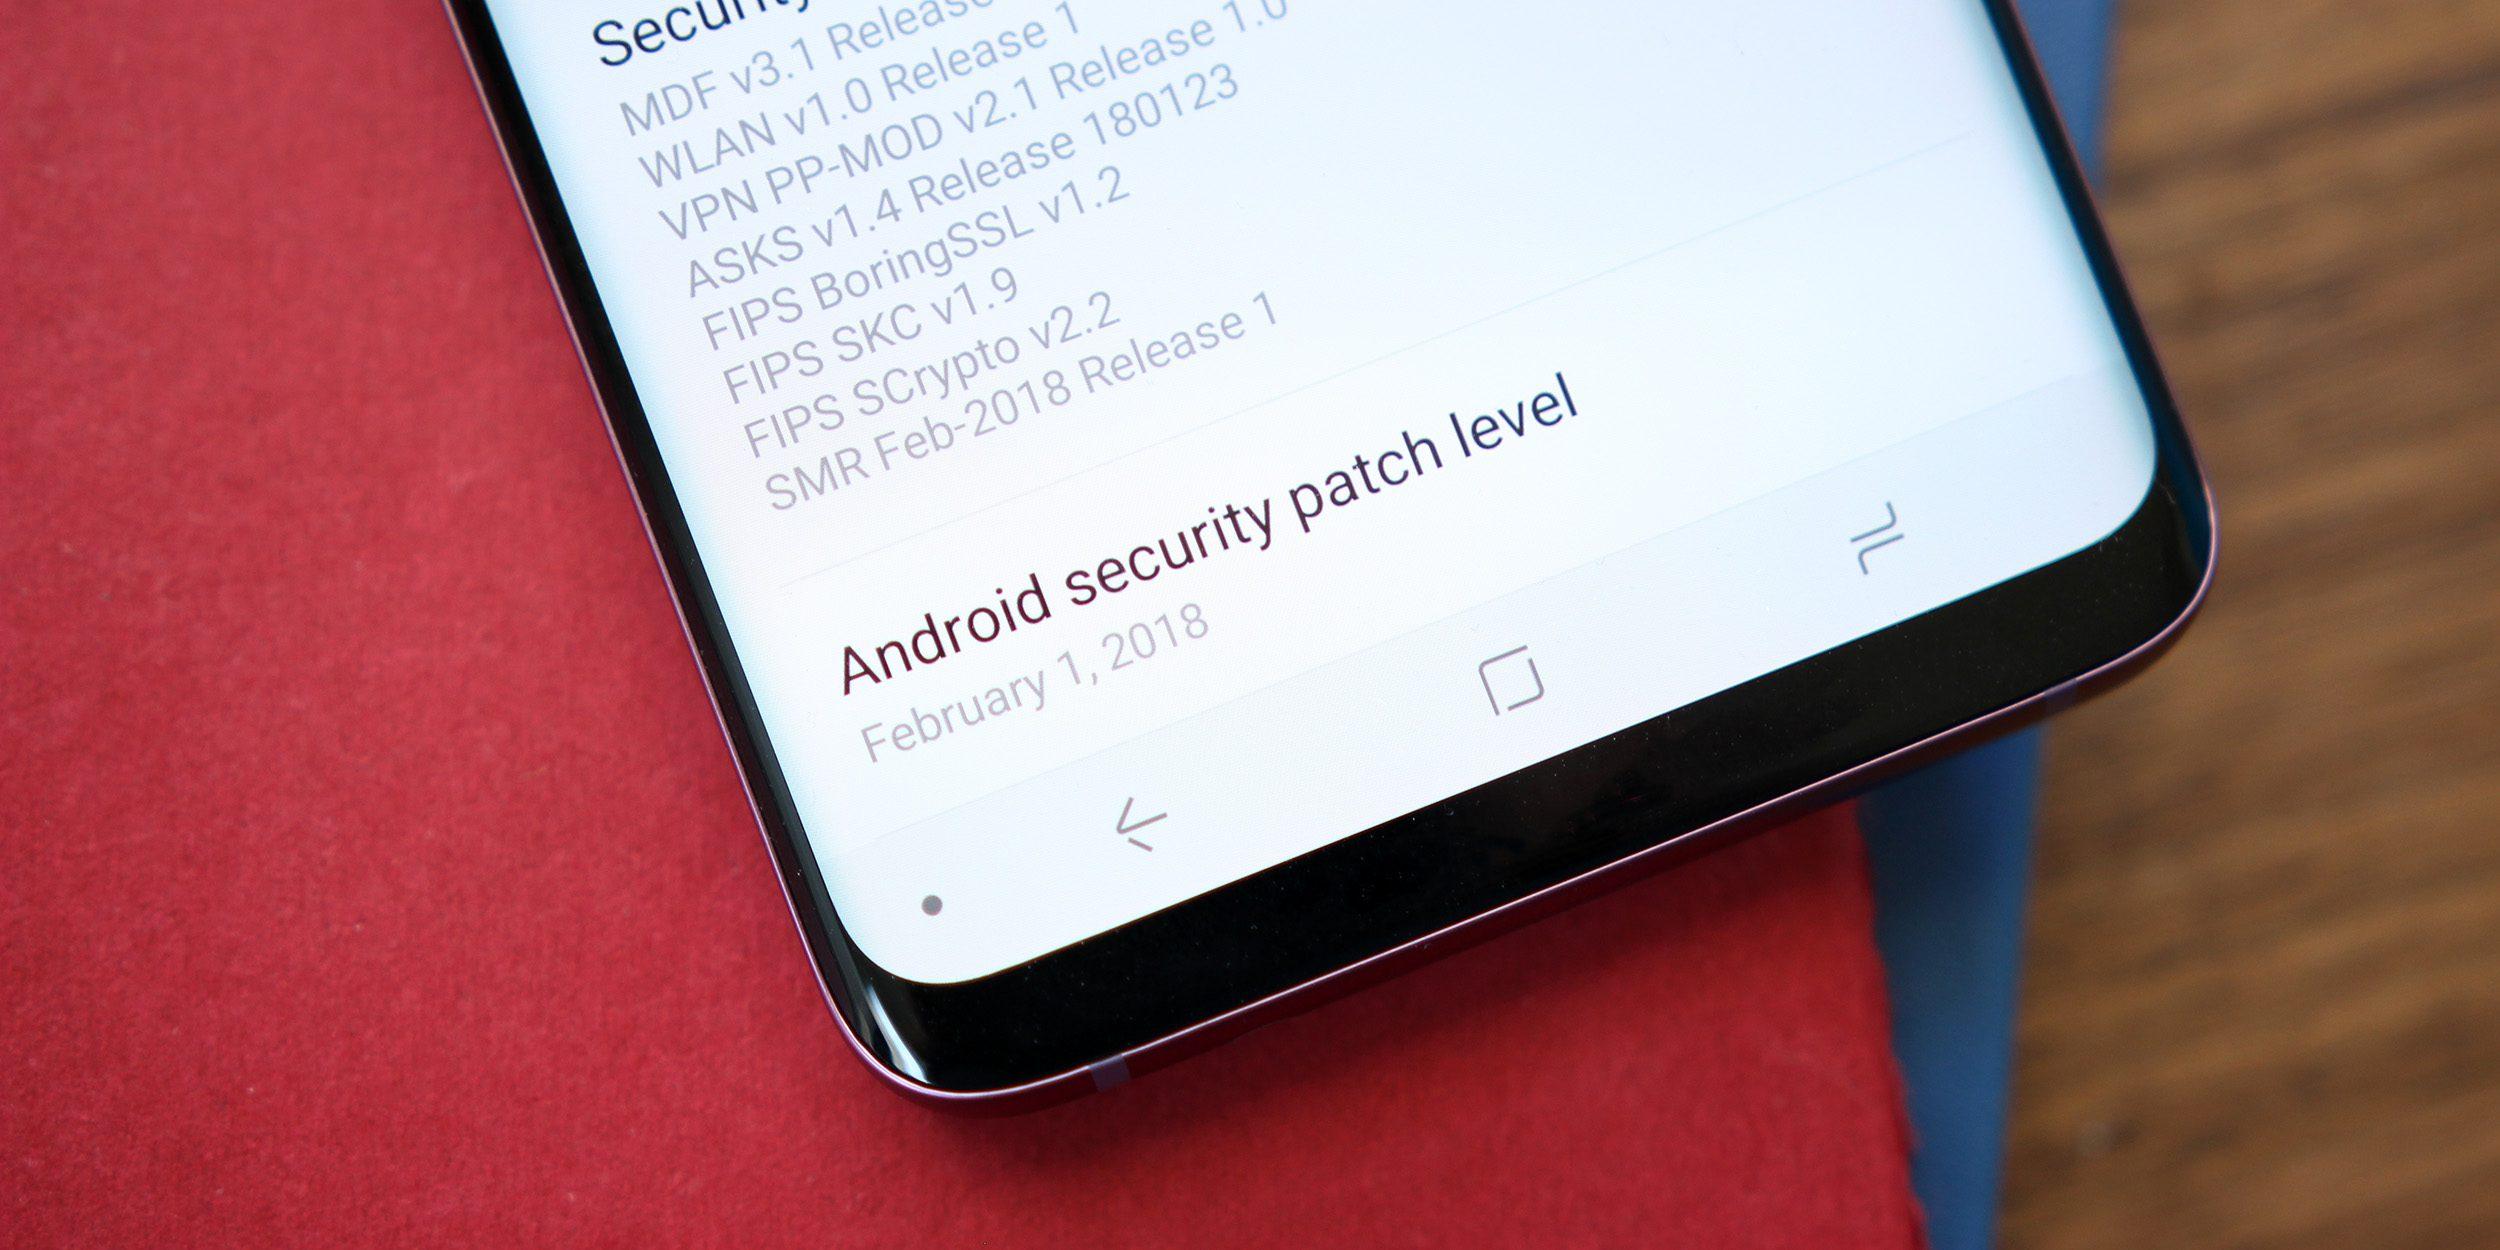 Googlu se daří snižovat počet škodlivých aplikací